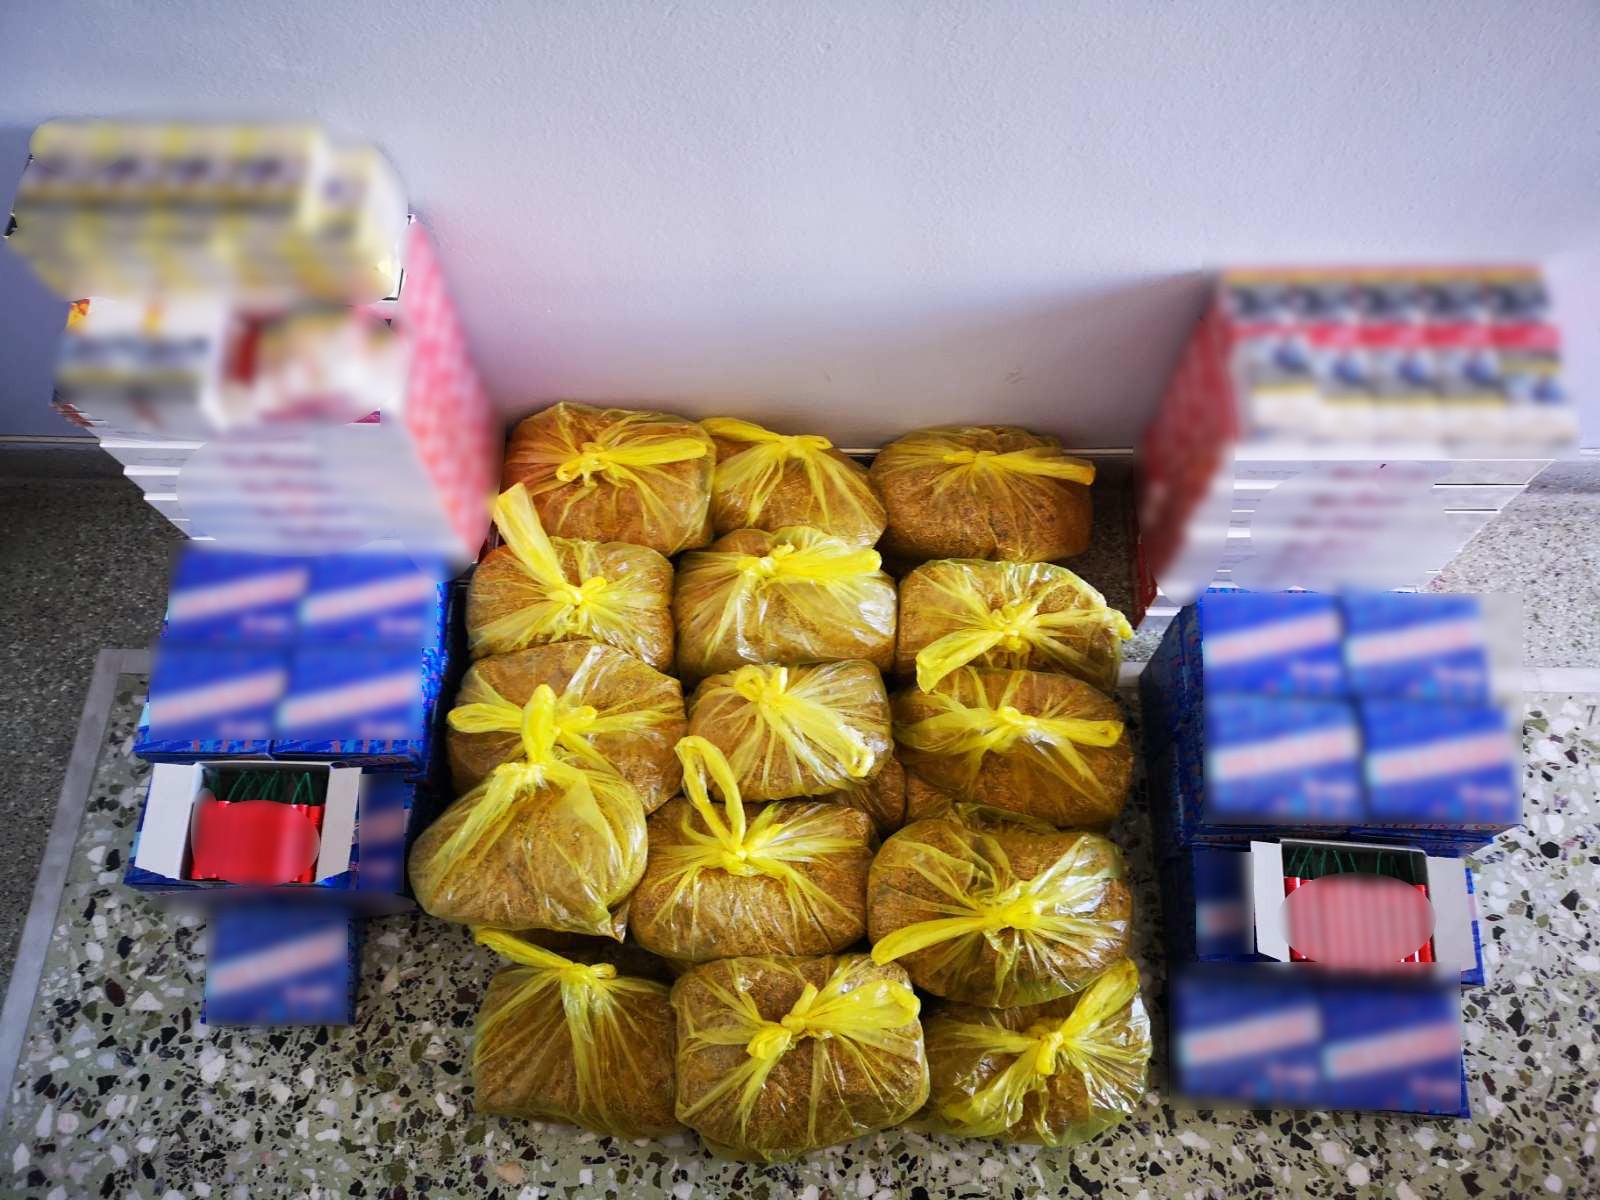 Αιτωλοακαρνανία: λαθραία καπνικά προϊόντα σε κατάστημα τροφίμων- μια σύλληψη